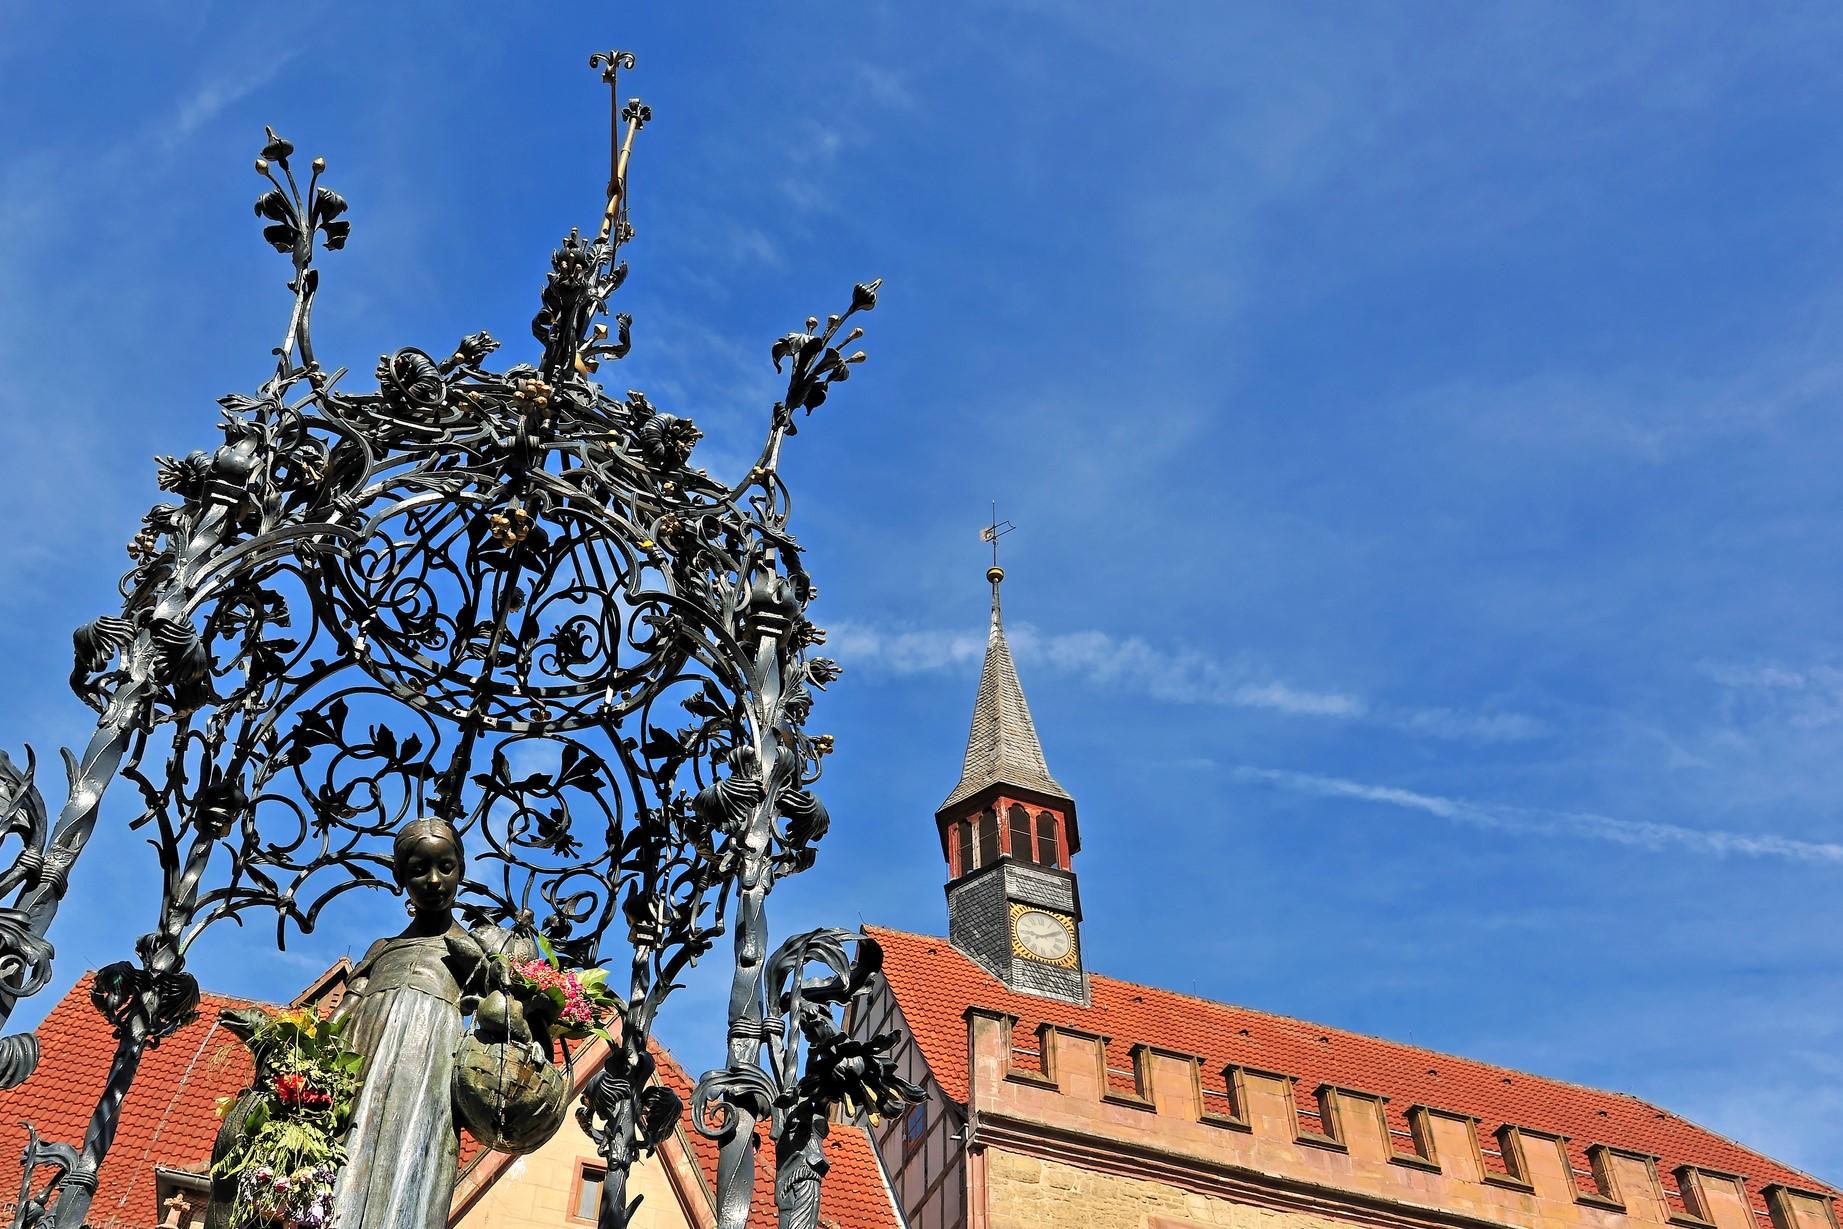 Göttingen Zulassungsstelle